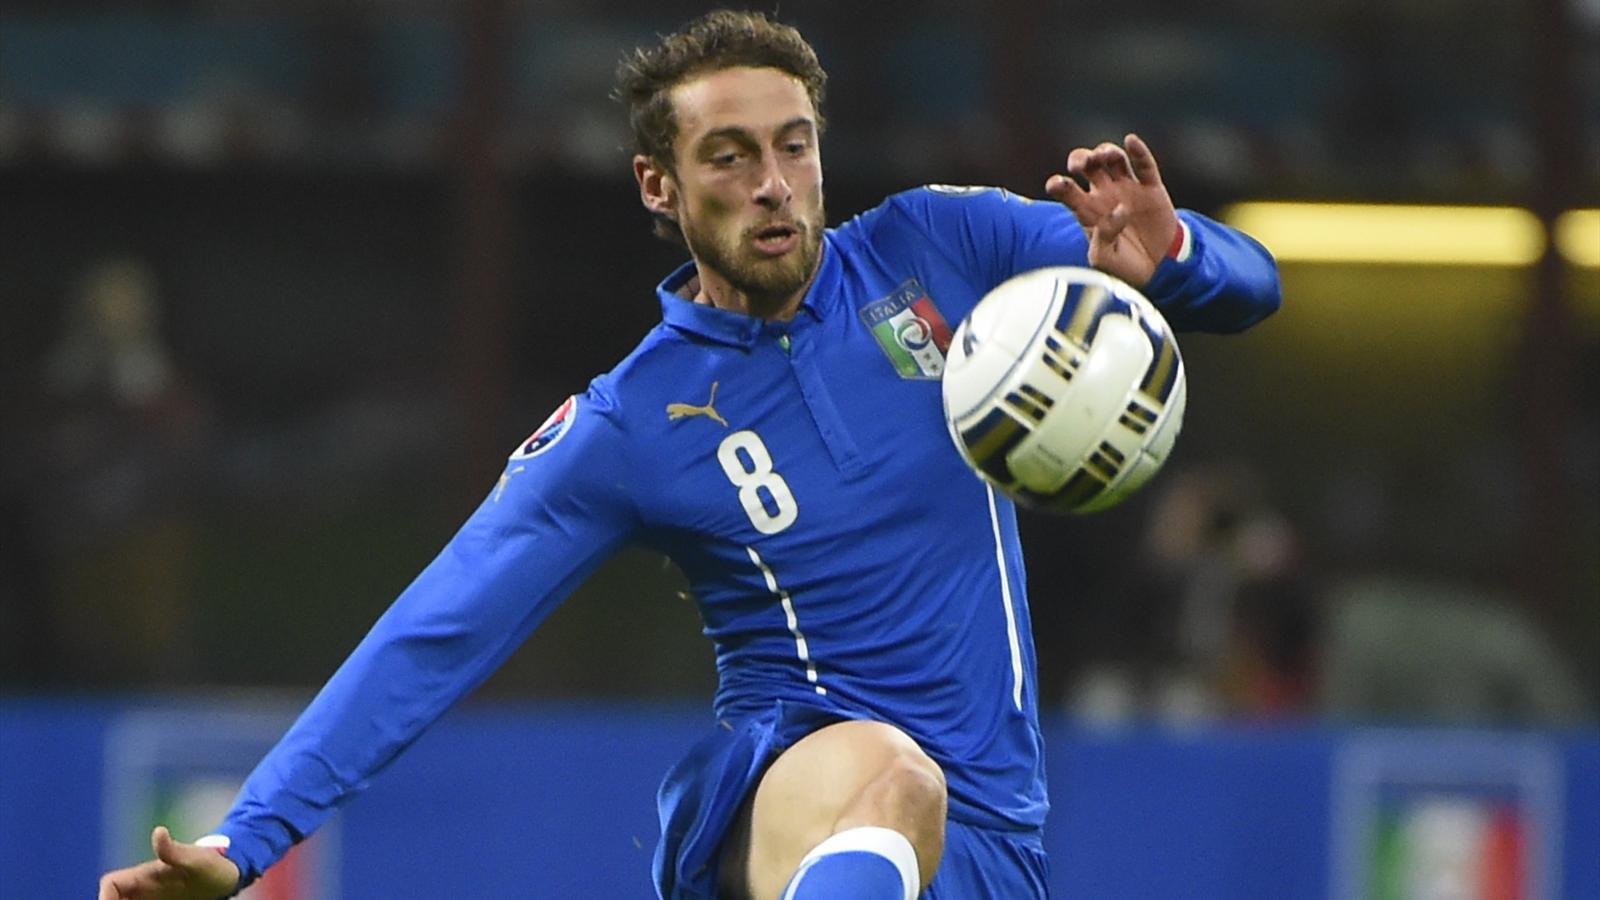 Qualifications coupe du monde 2018 claudio marchisio et manolo gabbiadini d clarent forfait - Qualification coupe du monde 2015 ...